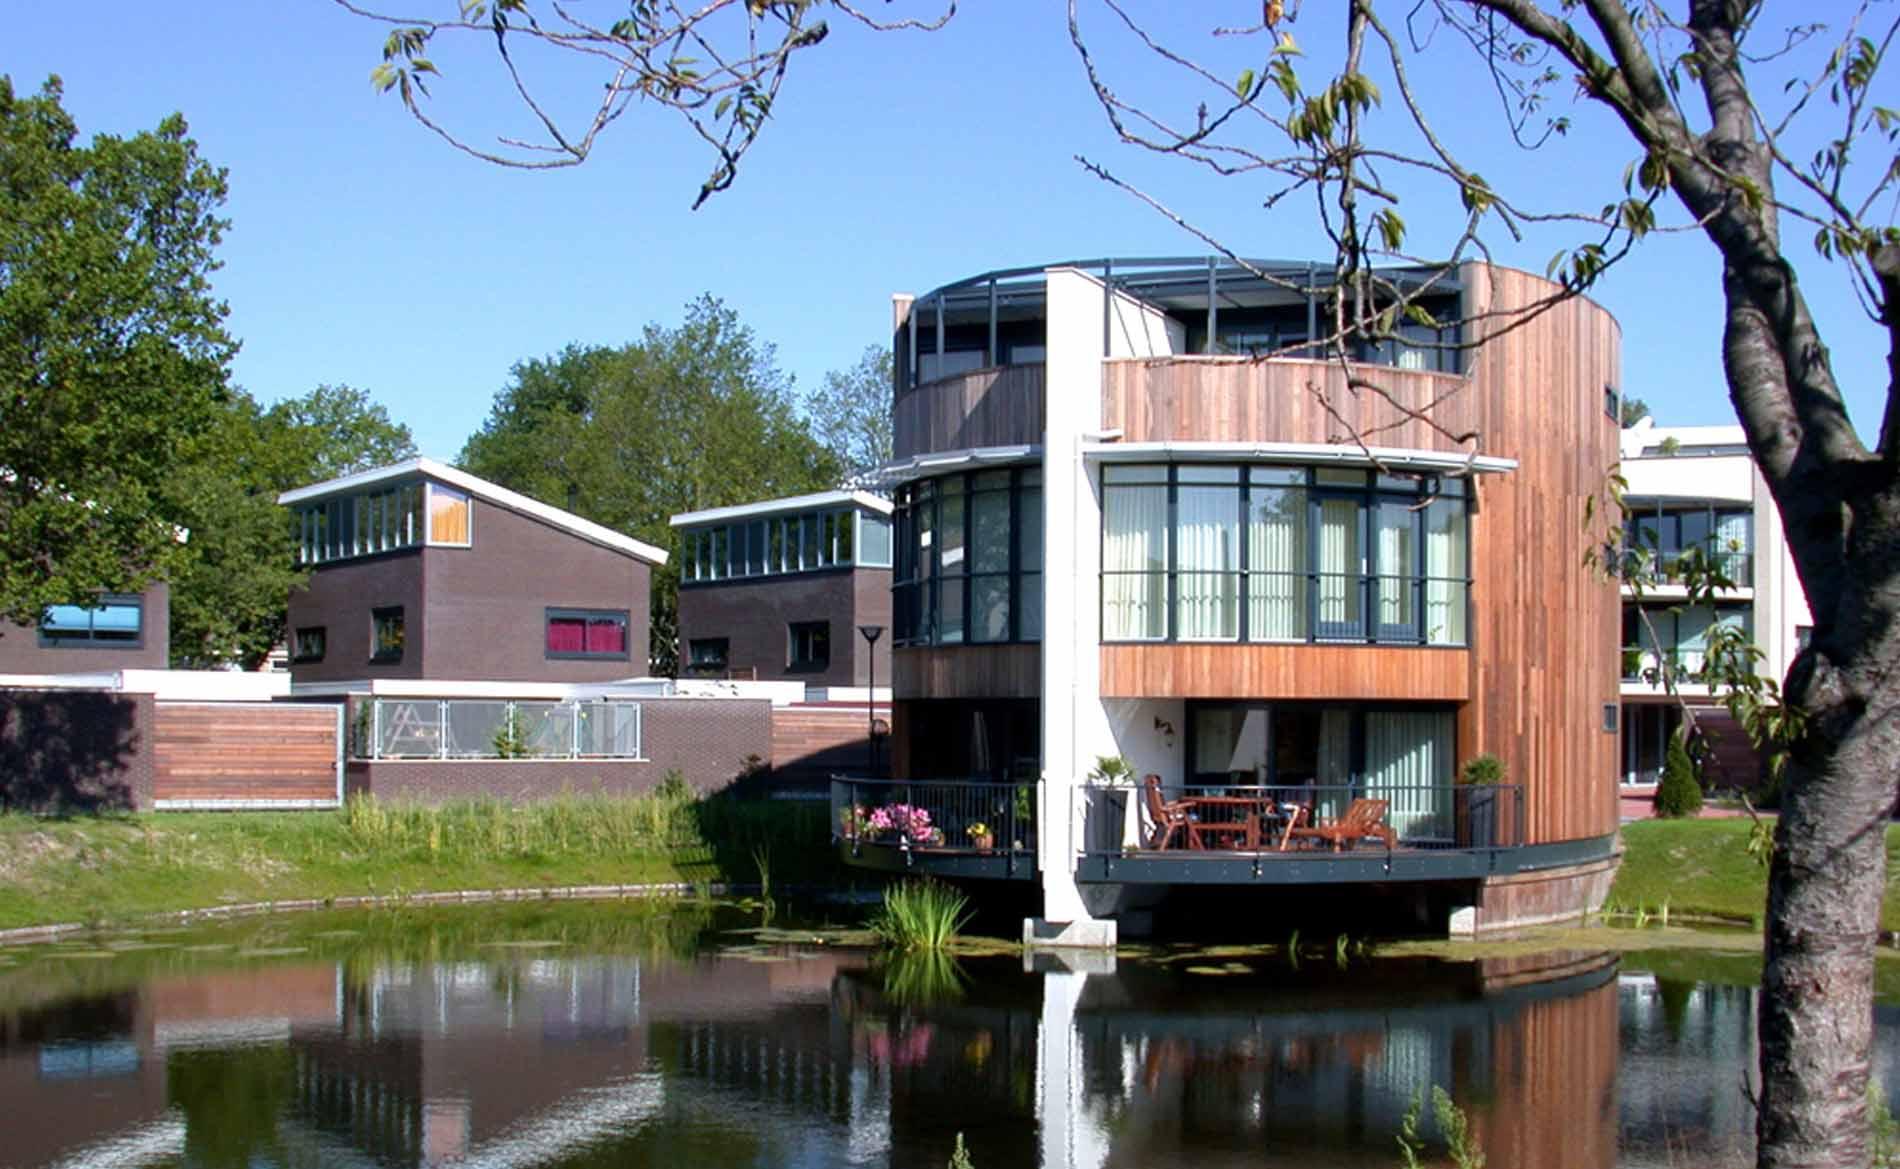 architect duurzaam bouwen woningen appartementen Sokkerwei Castricum BBHD architecten